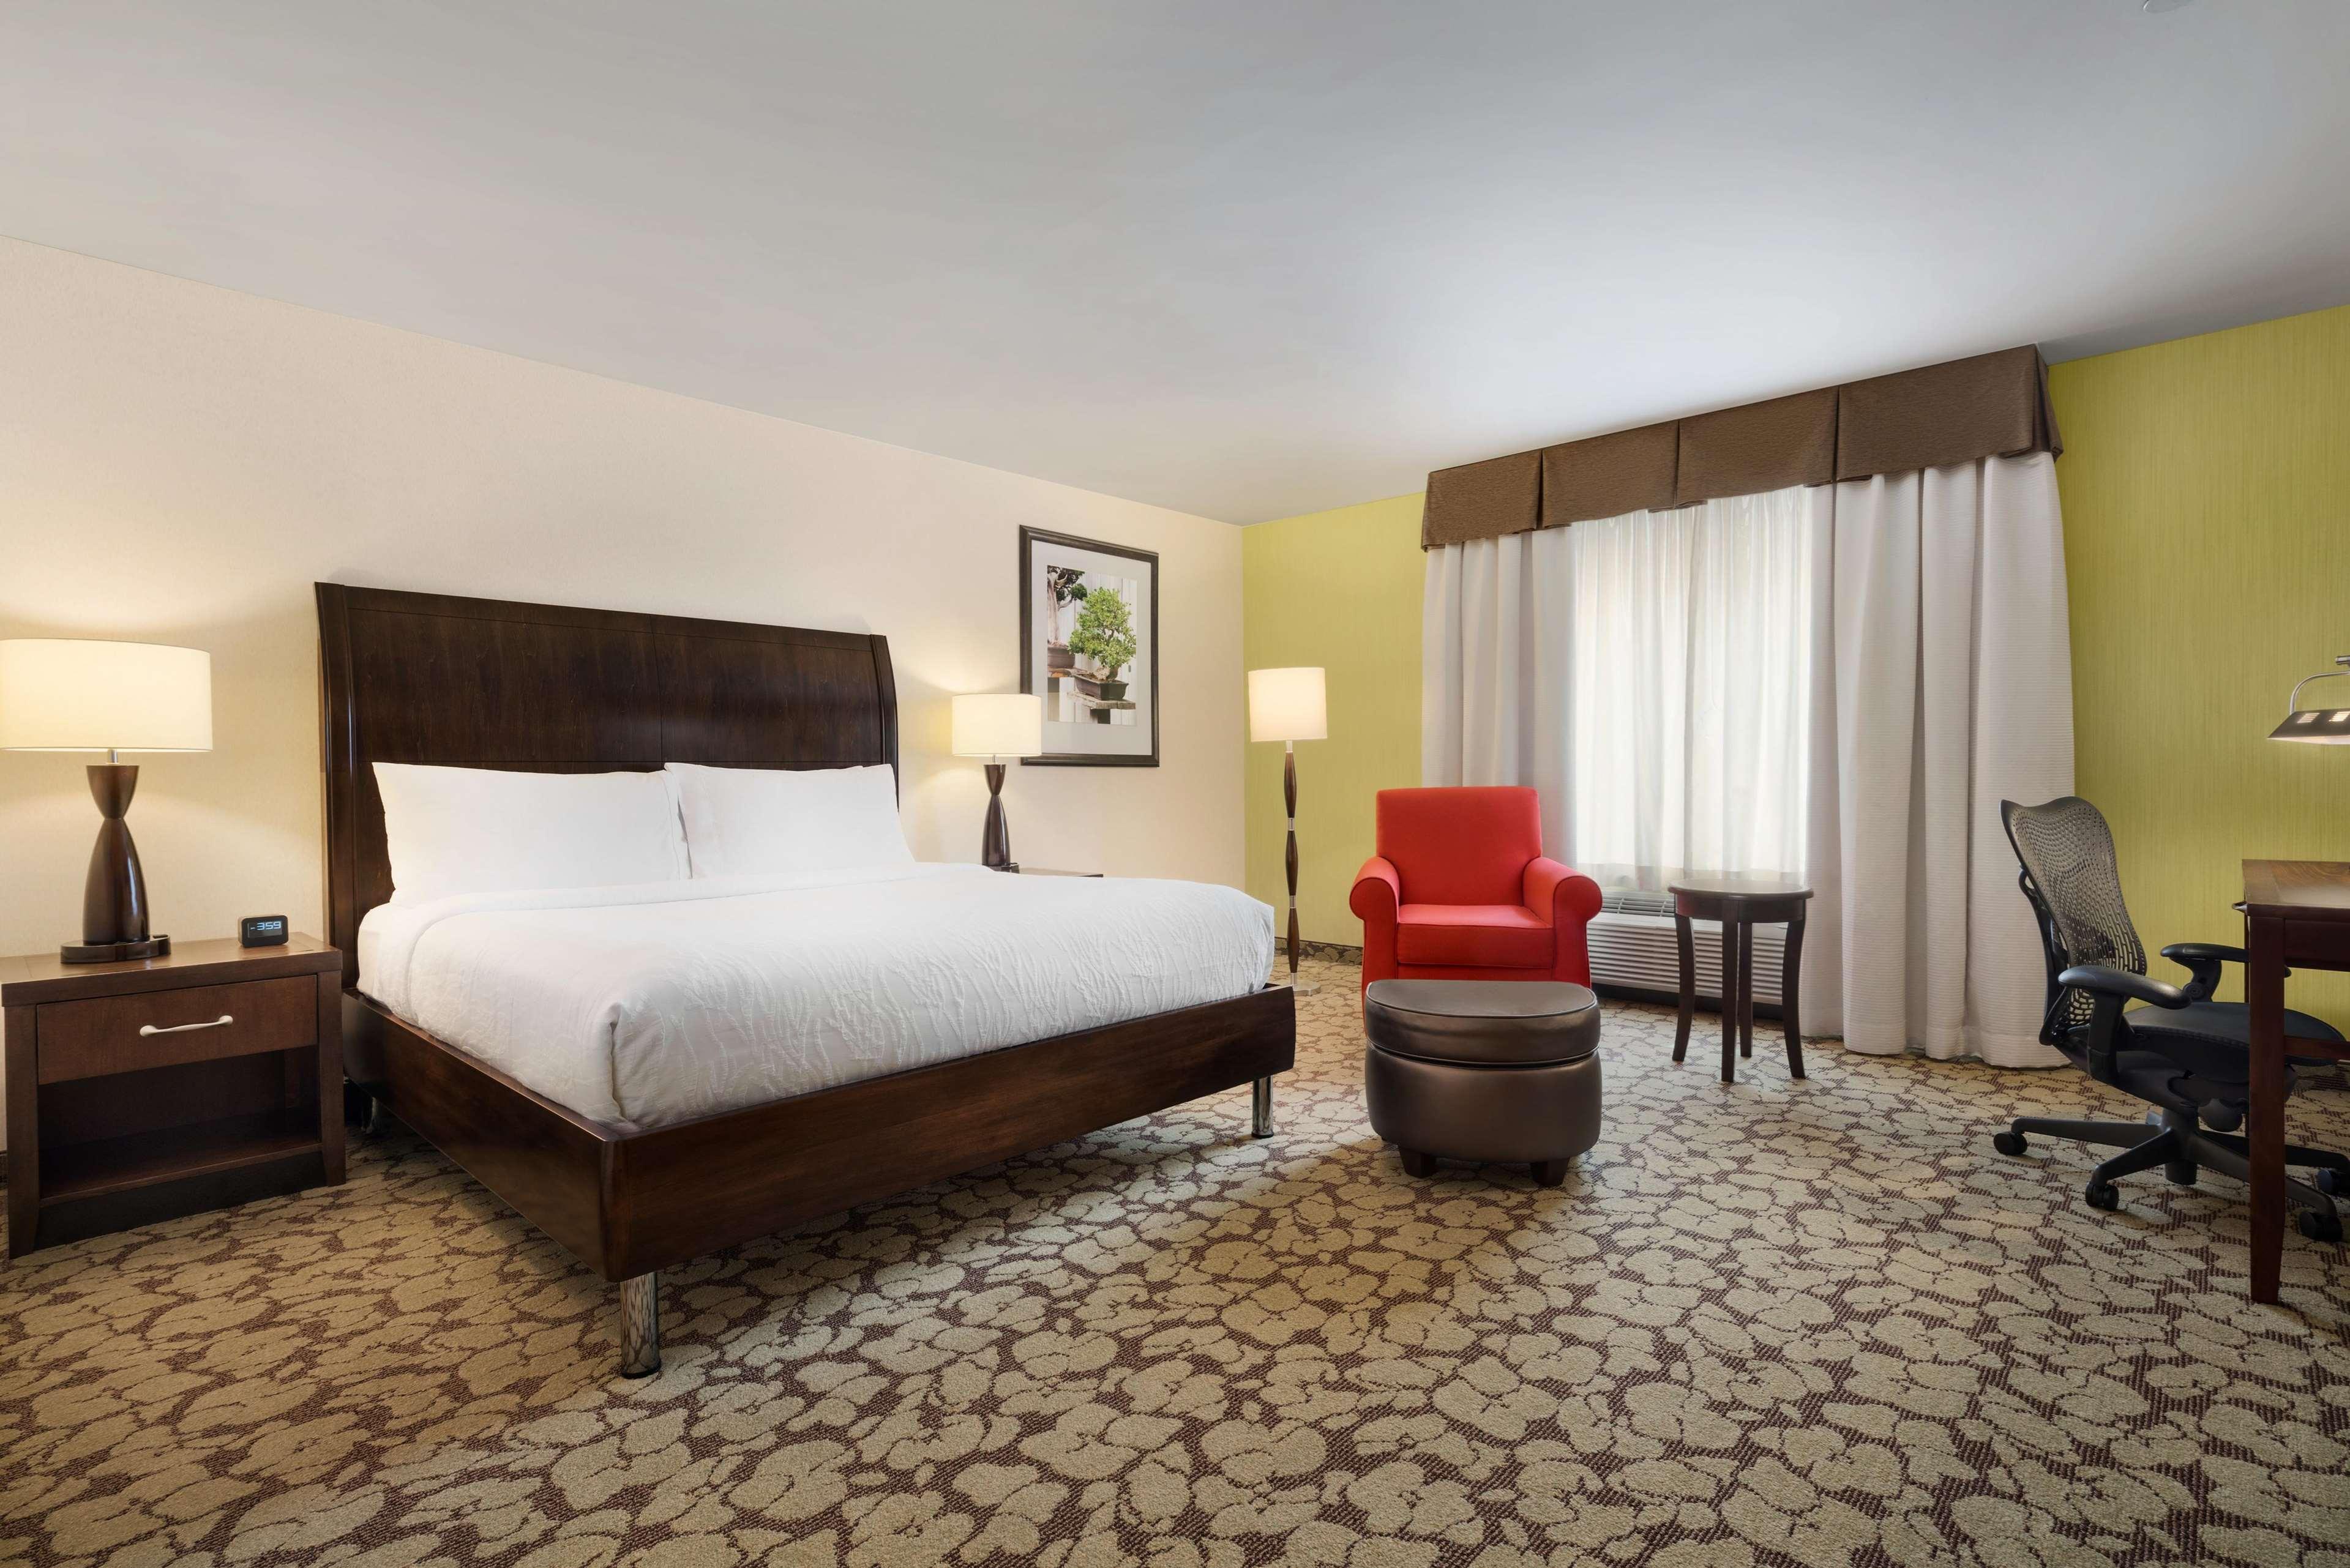 Hilton Garden Inn Stony Brook 1 Circle Road Stony Brook, NY Hotels U0026 Motels    MapQuest